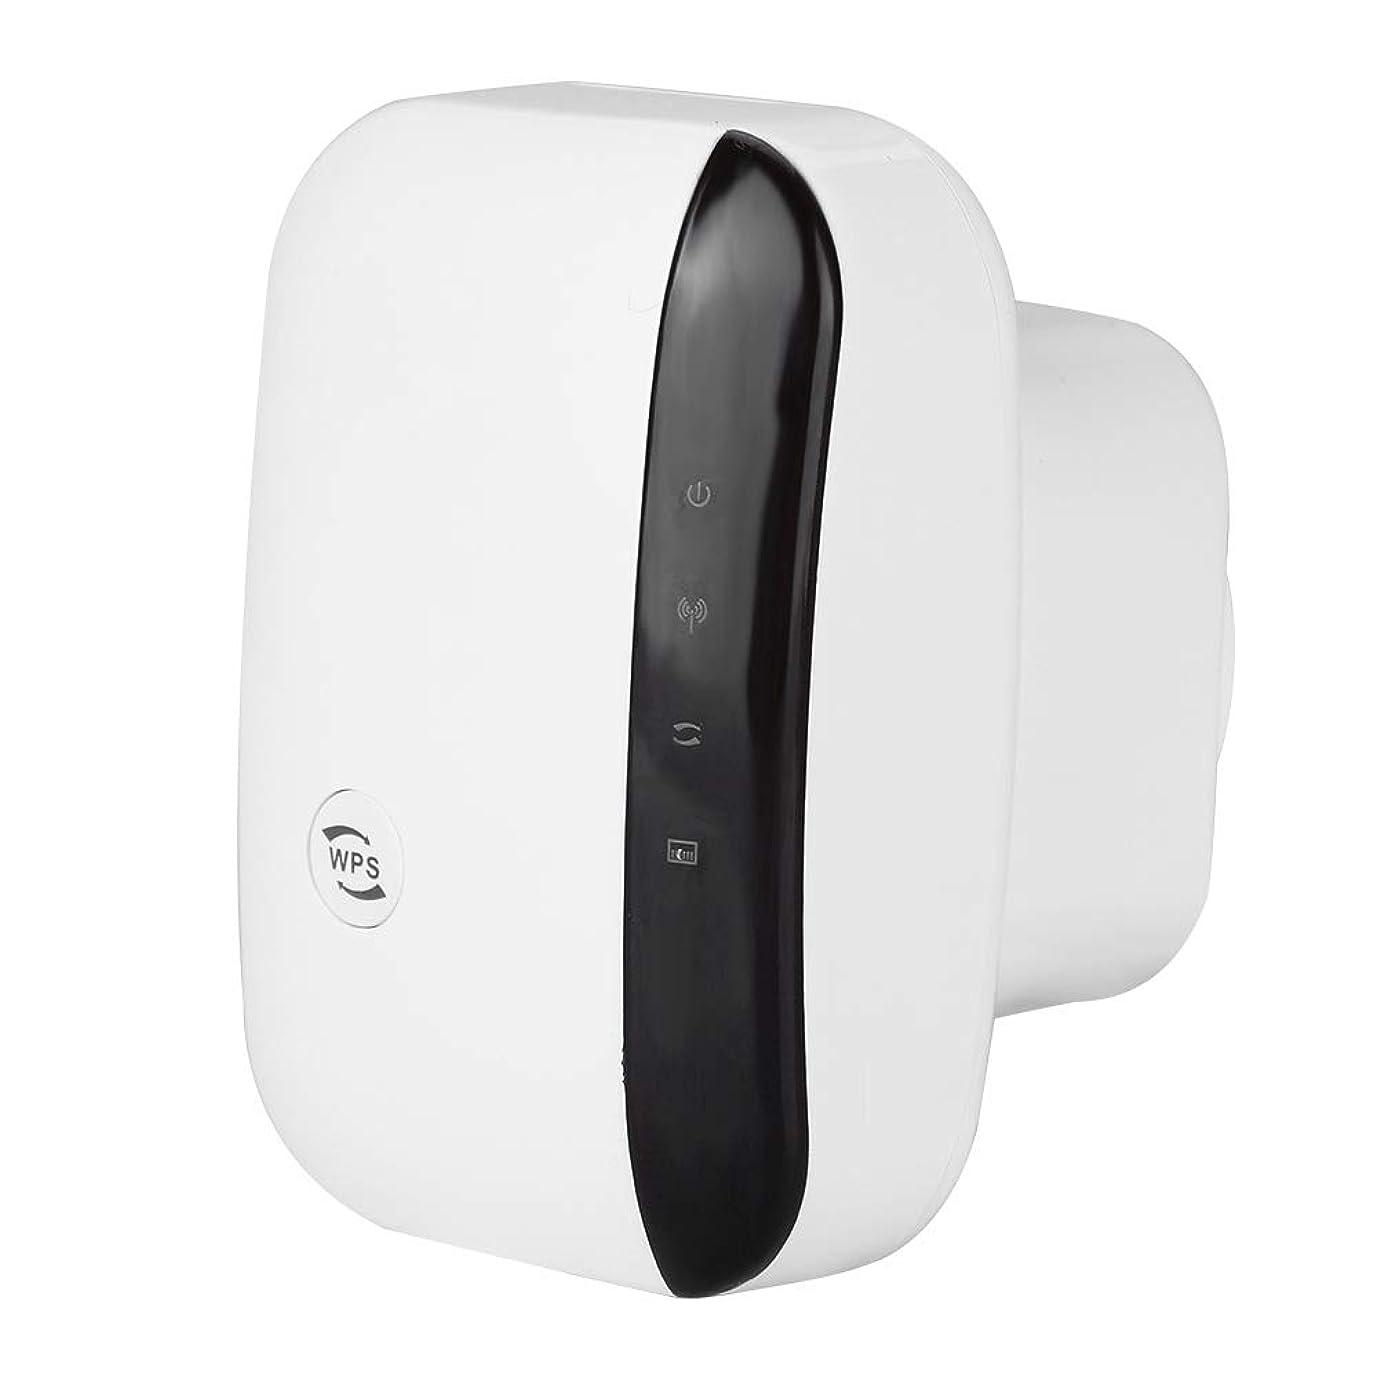 ドアミラー同一の接地Sanpyl 無線LAN中継器 AP/リレーモード 2.4GHz?2.4835GHz高速データ伝送 WiFi信号増幅器 WiFi範囲エクステンダ WPS暗号化 コンセント直挿型(us ホワイト)